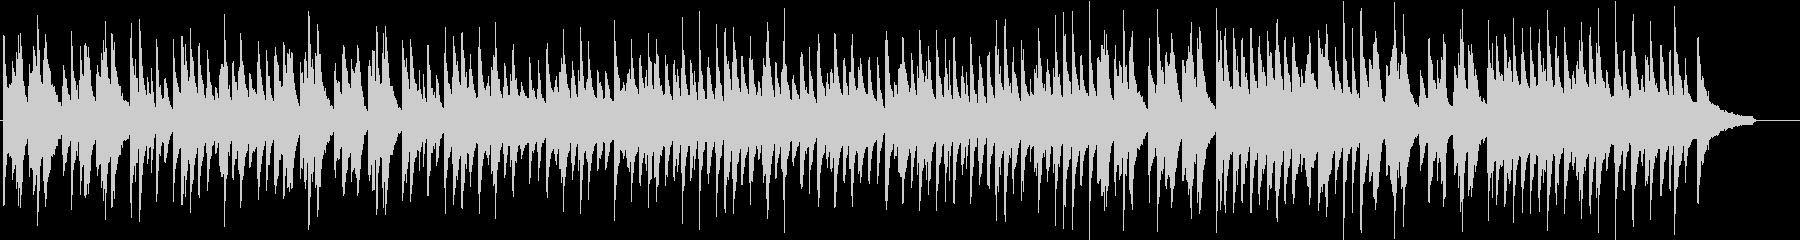 結婚式入場をイメージしたピアノソロBGMの未再生の波形